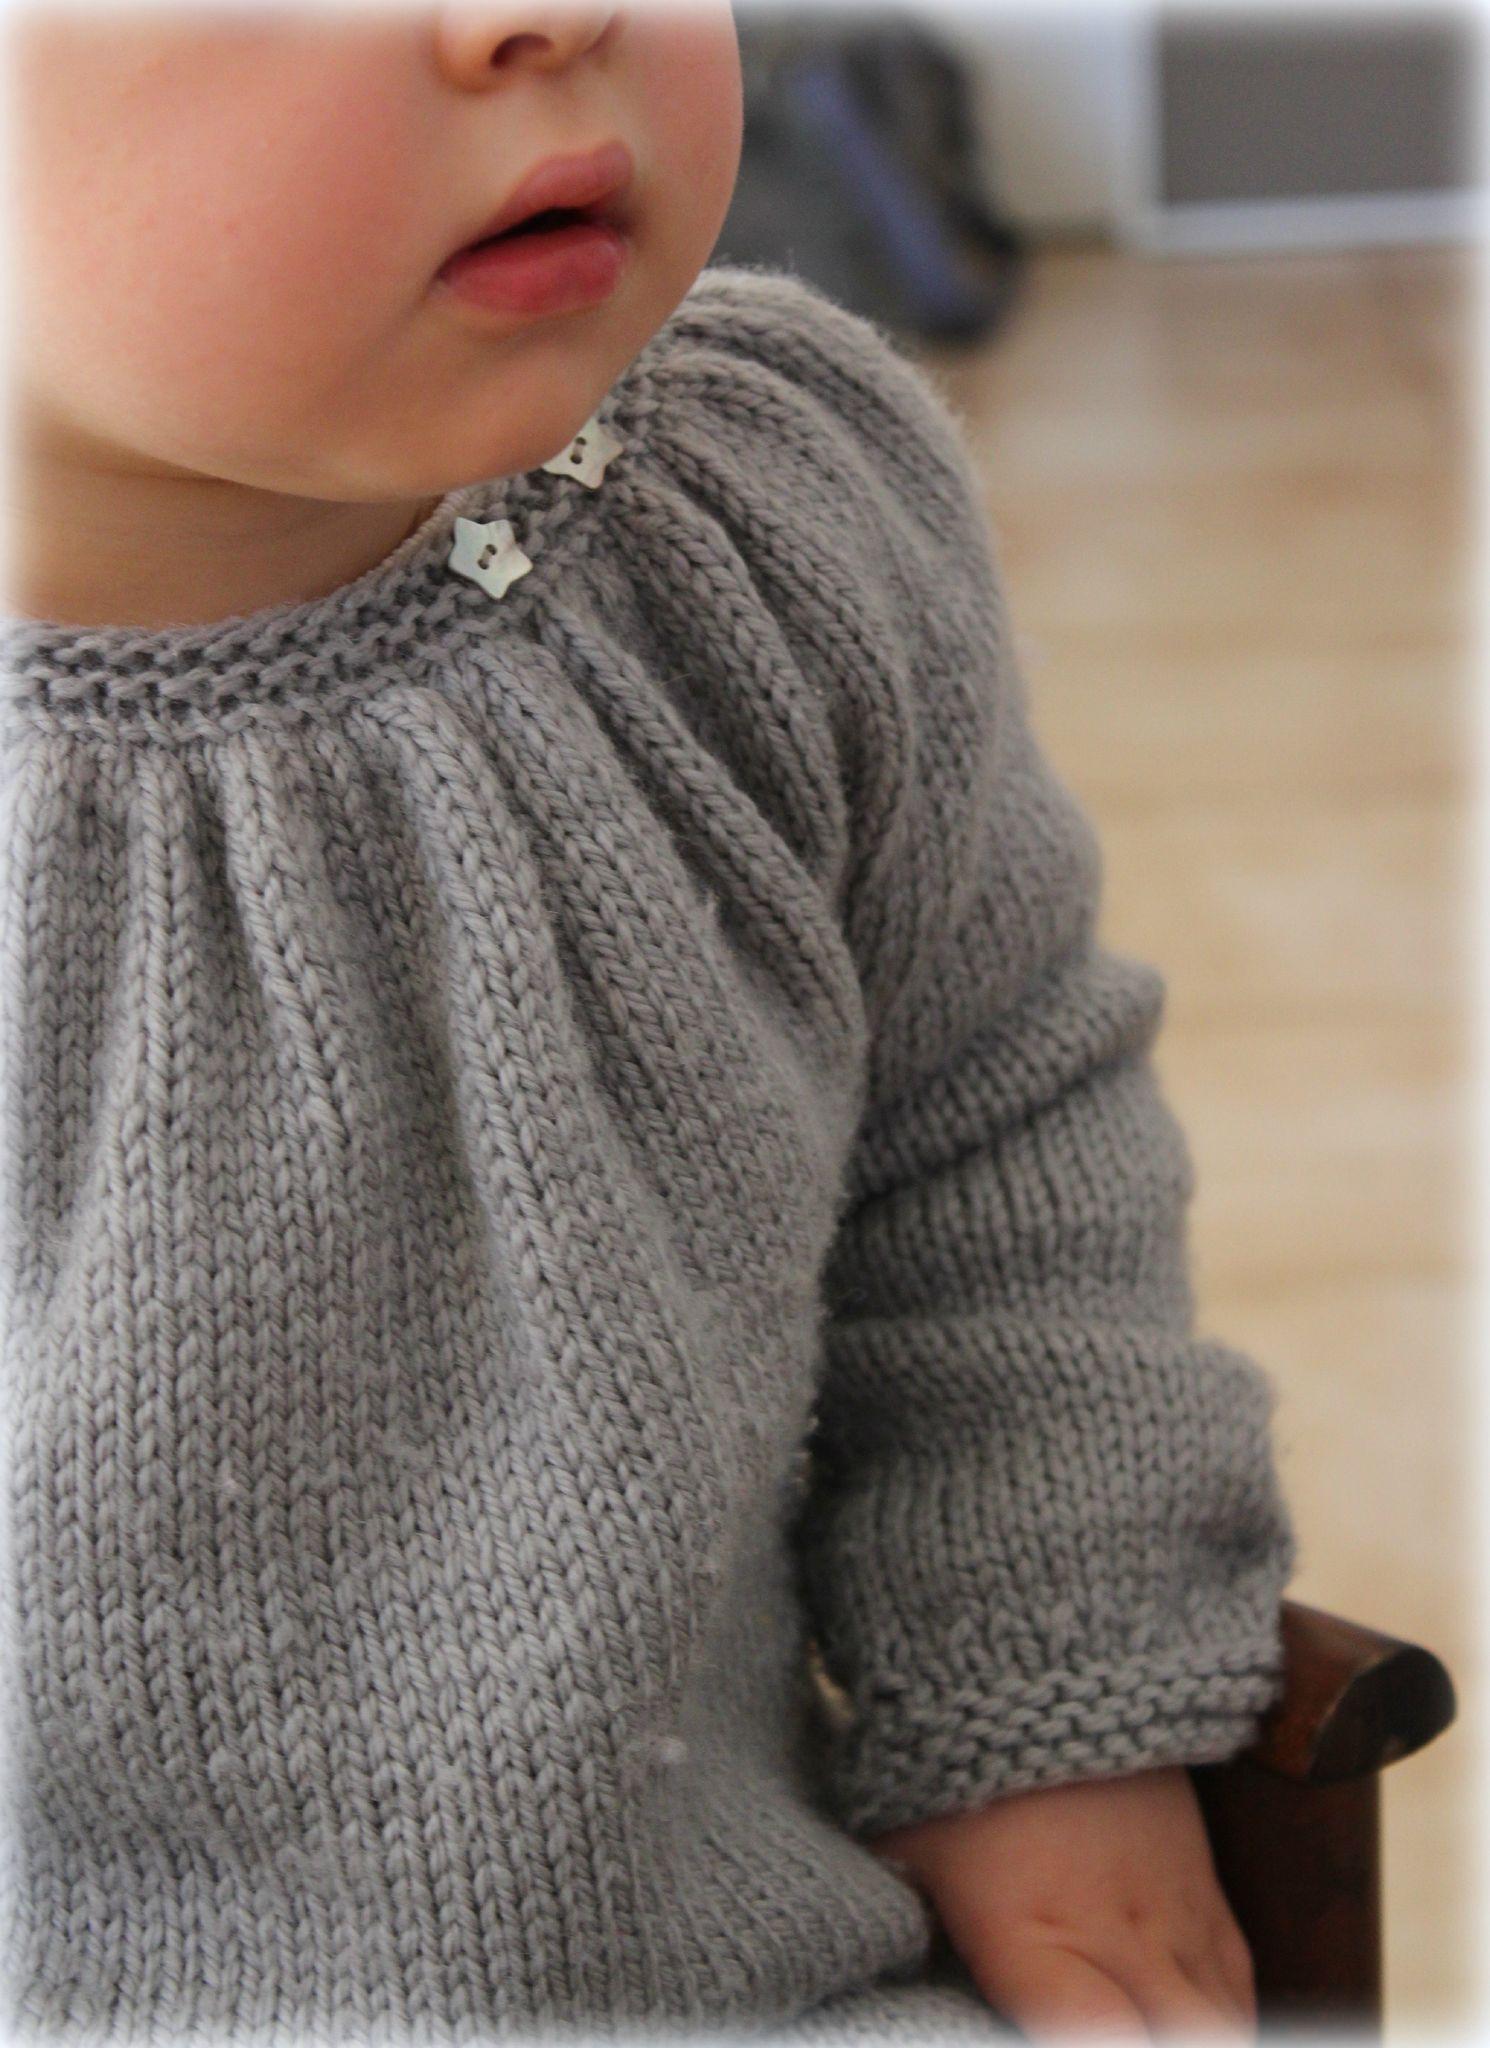 Pull KINA - La petite vie de So...   Knit   Pinterest   Knitting ... 0cc5ba3cd18e